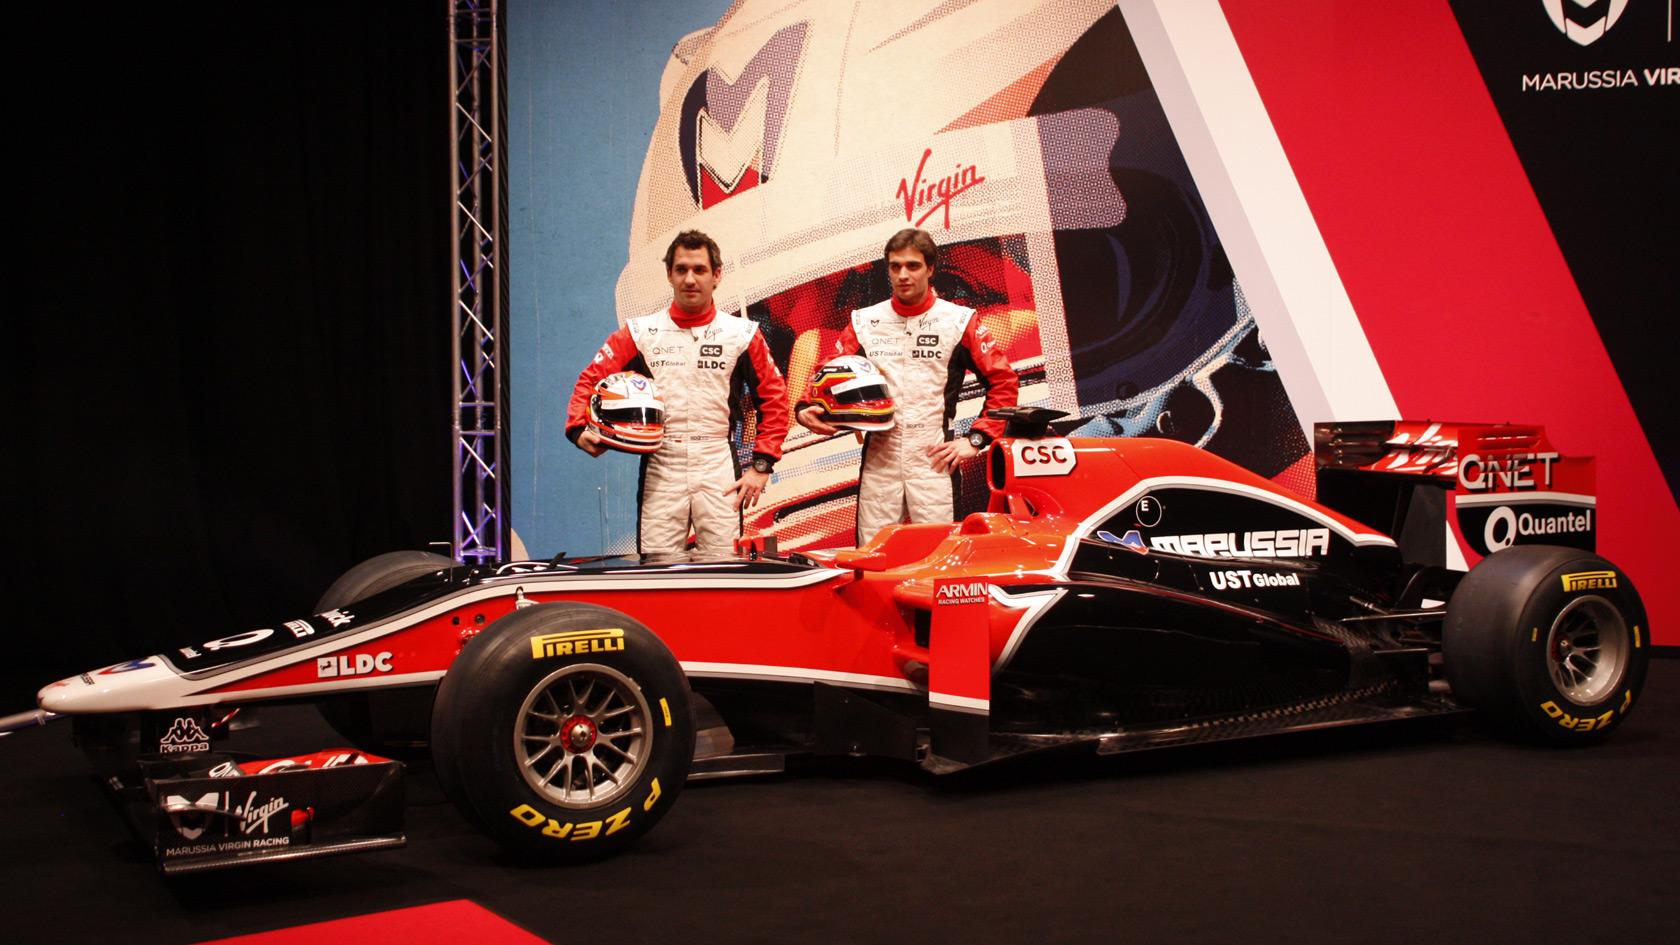 marussia-virgin-racing-mvr-02-6.jpg (438.77 Kb)